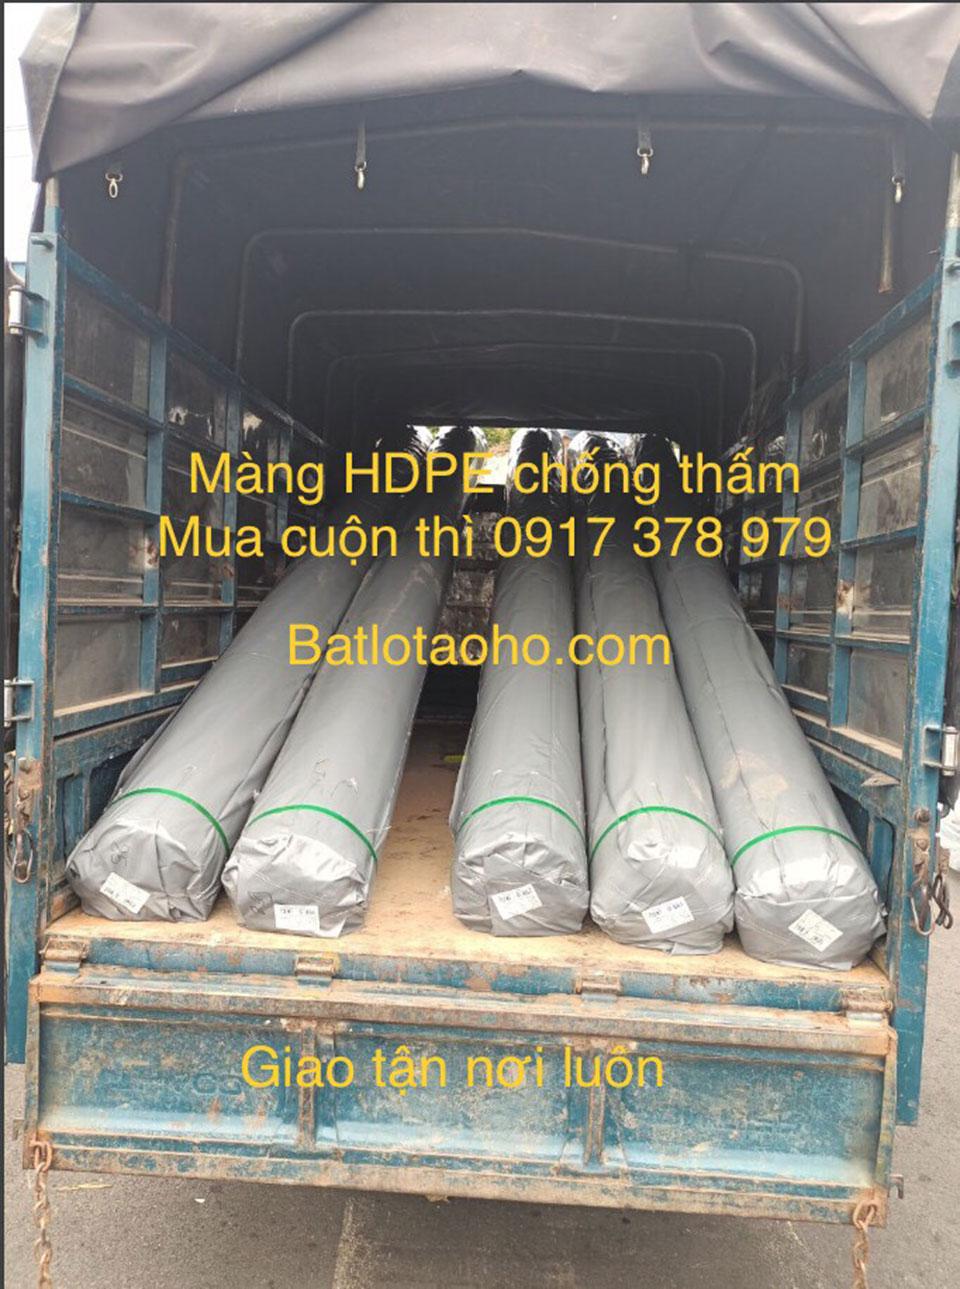 Vận chuyển bạt nhựa HDPE lót hồ chứa nước nuôi cá ở Vũng Tàu giá rẻ